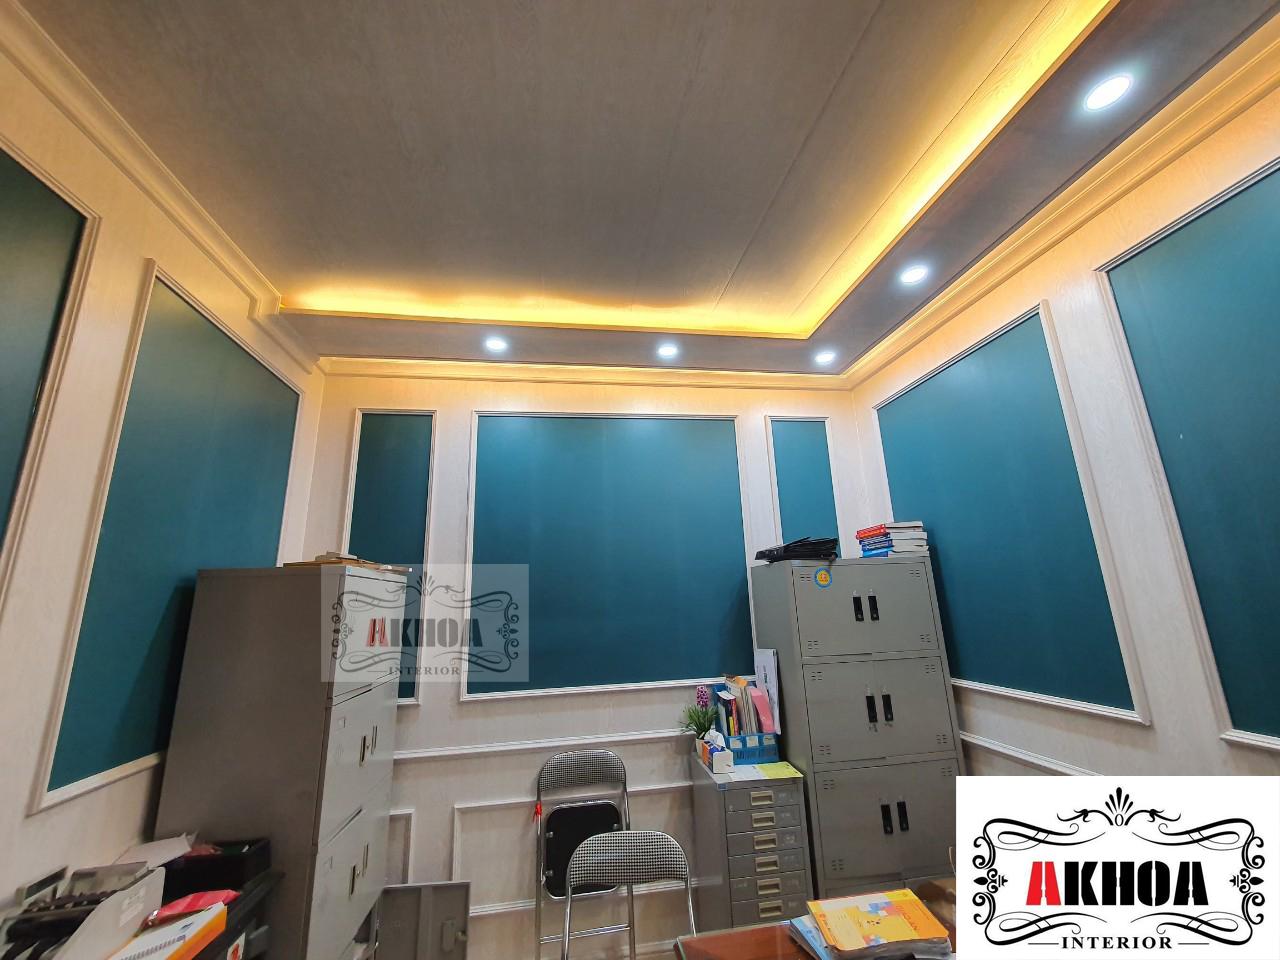 Tấm ốp tường PVC NaNo làm thay đổi không gian nhà bạn khang trang